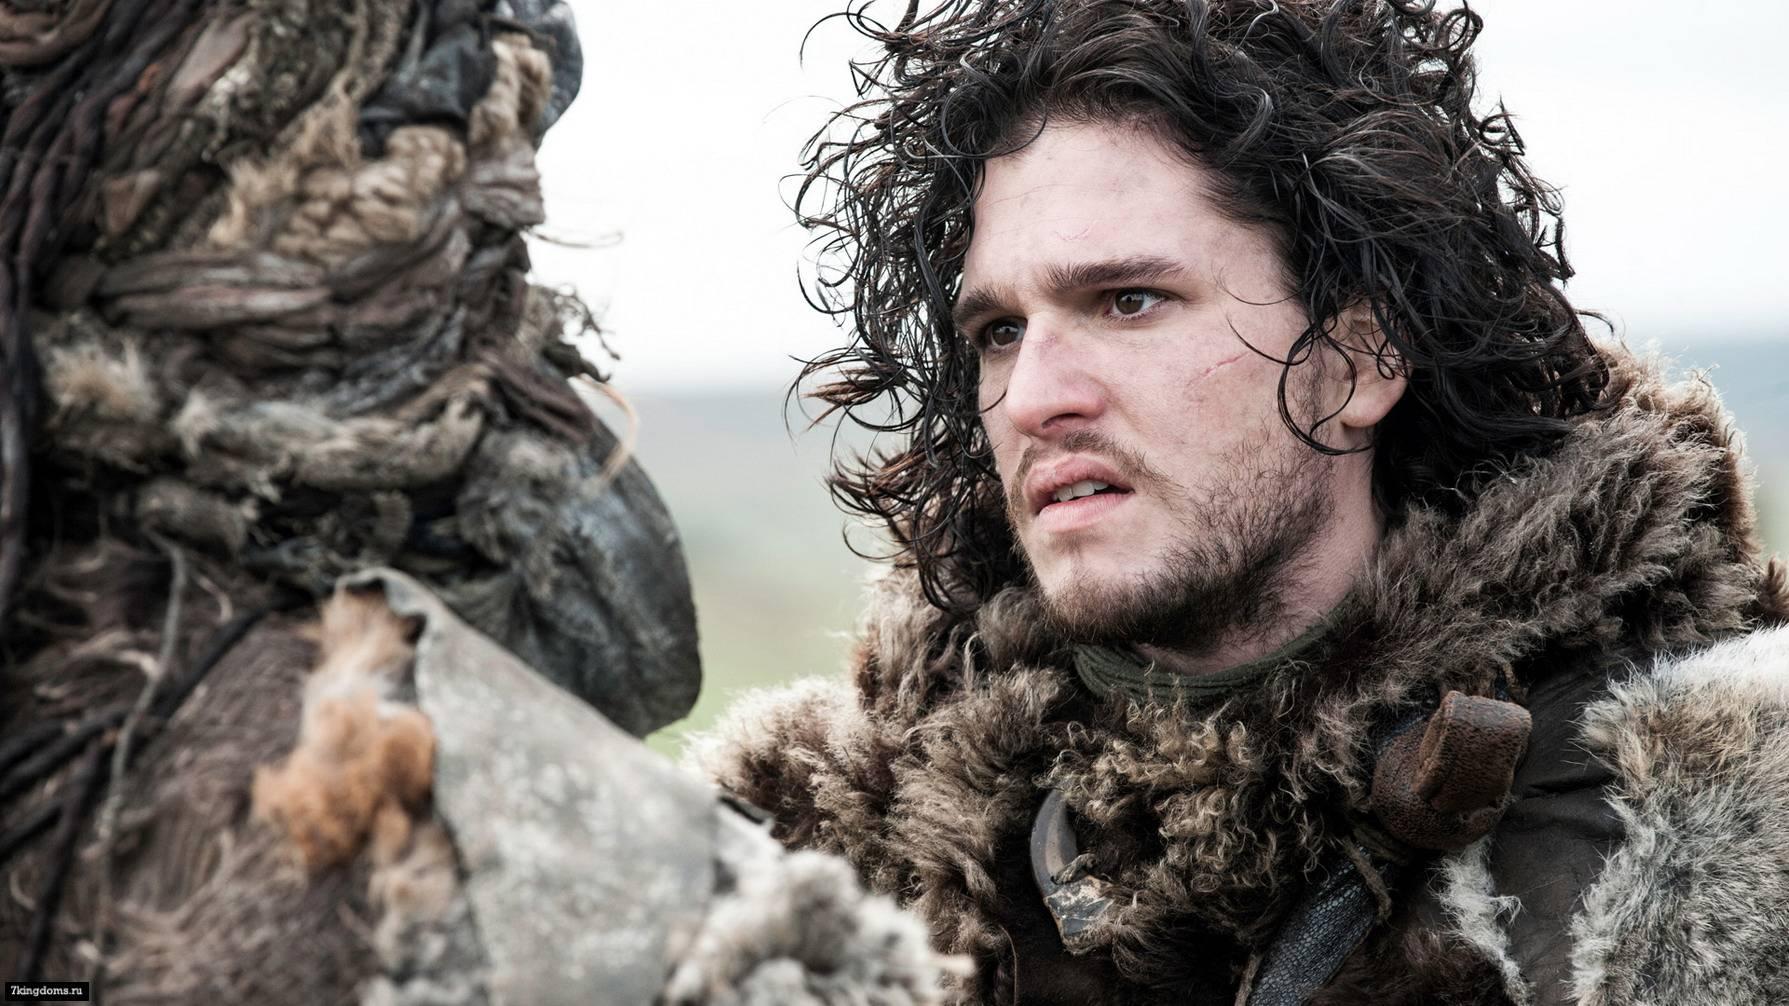 Kit Harrington se va en contra de los críticos de Game of Thrones y dice que le importa una m* su opinión